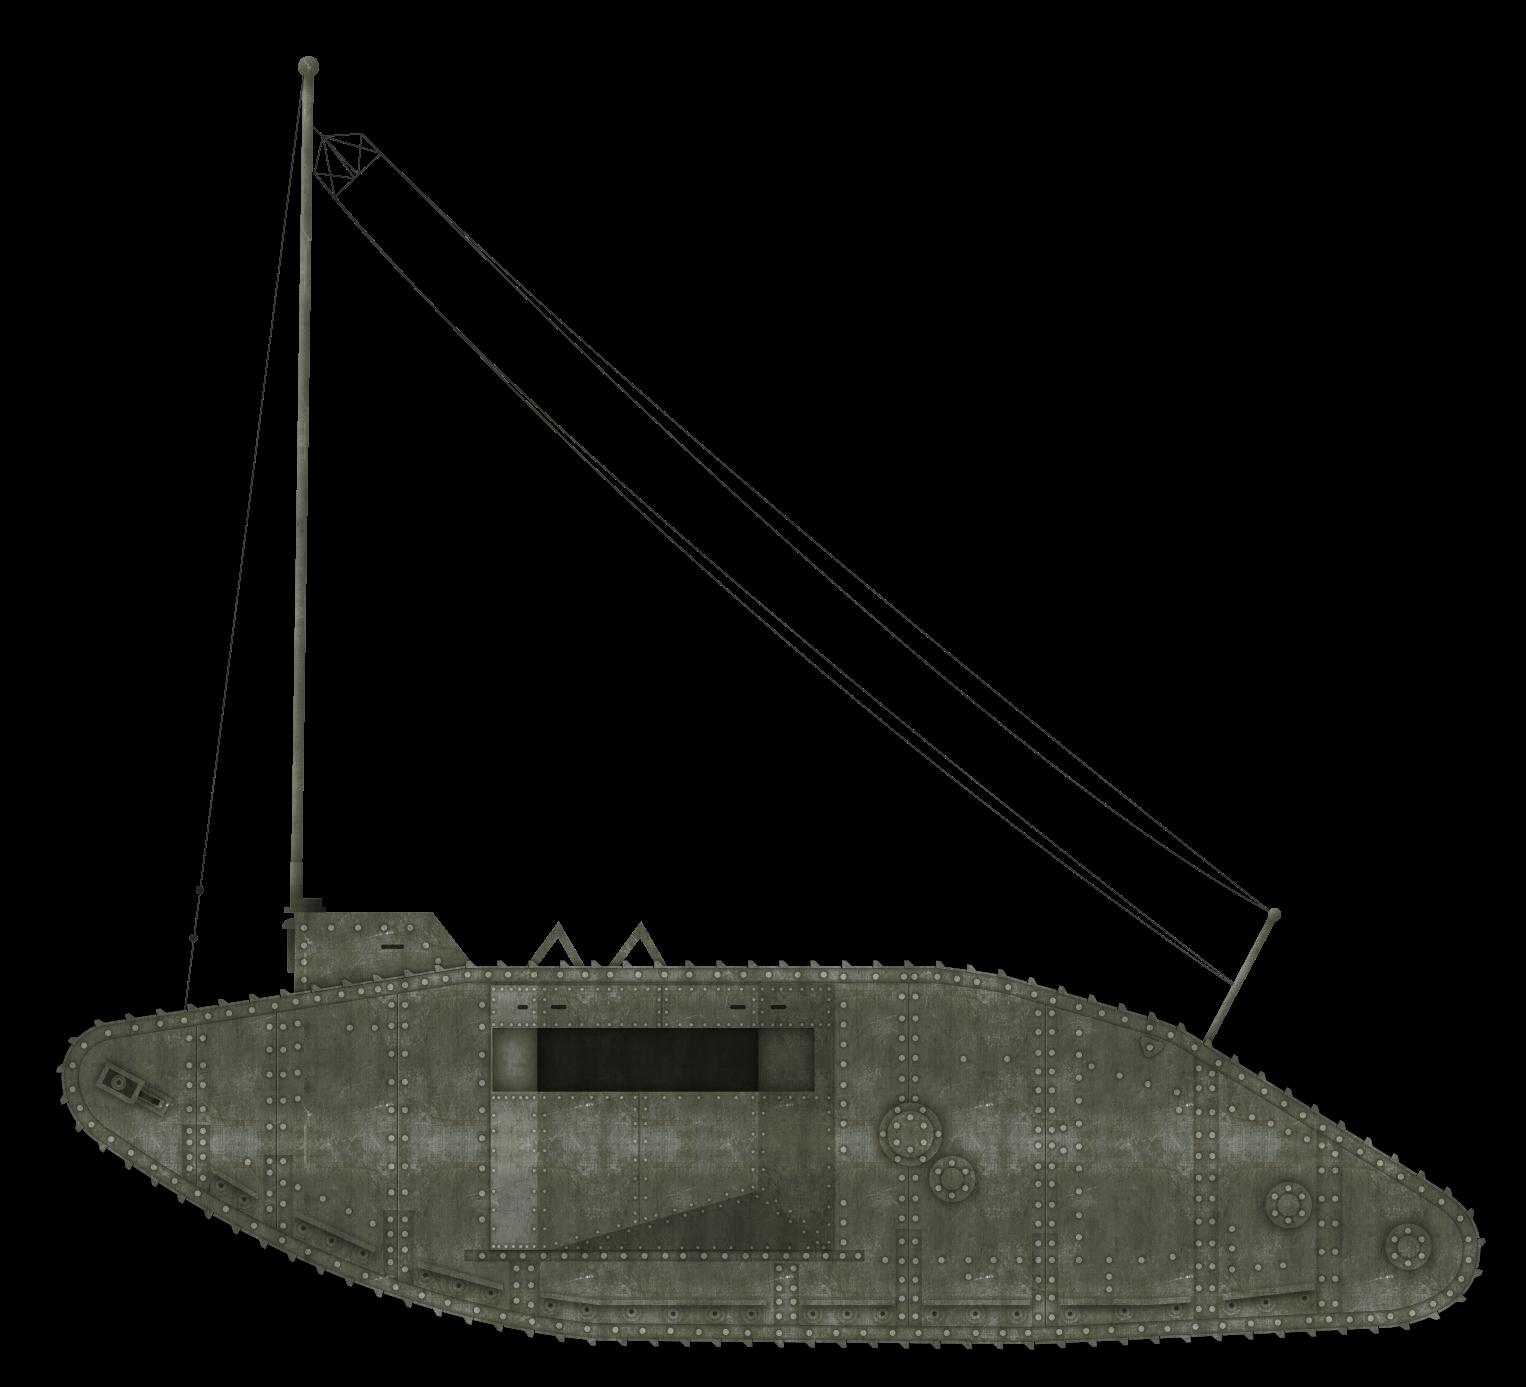 Wireless Communications Tank